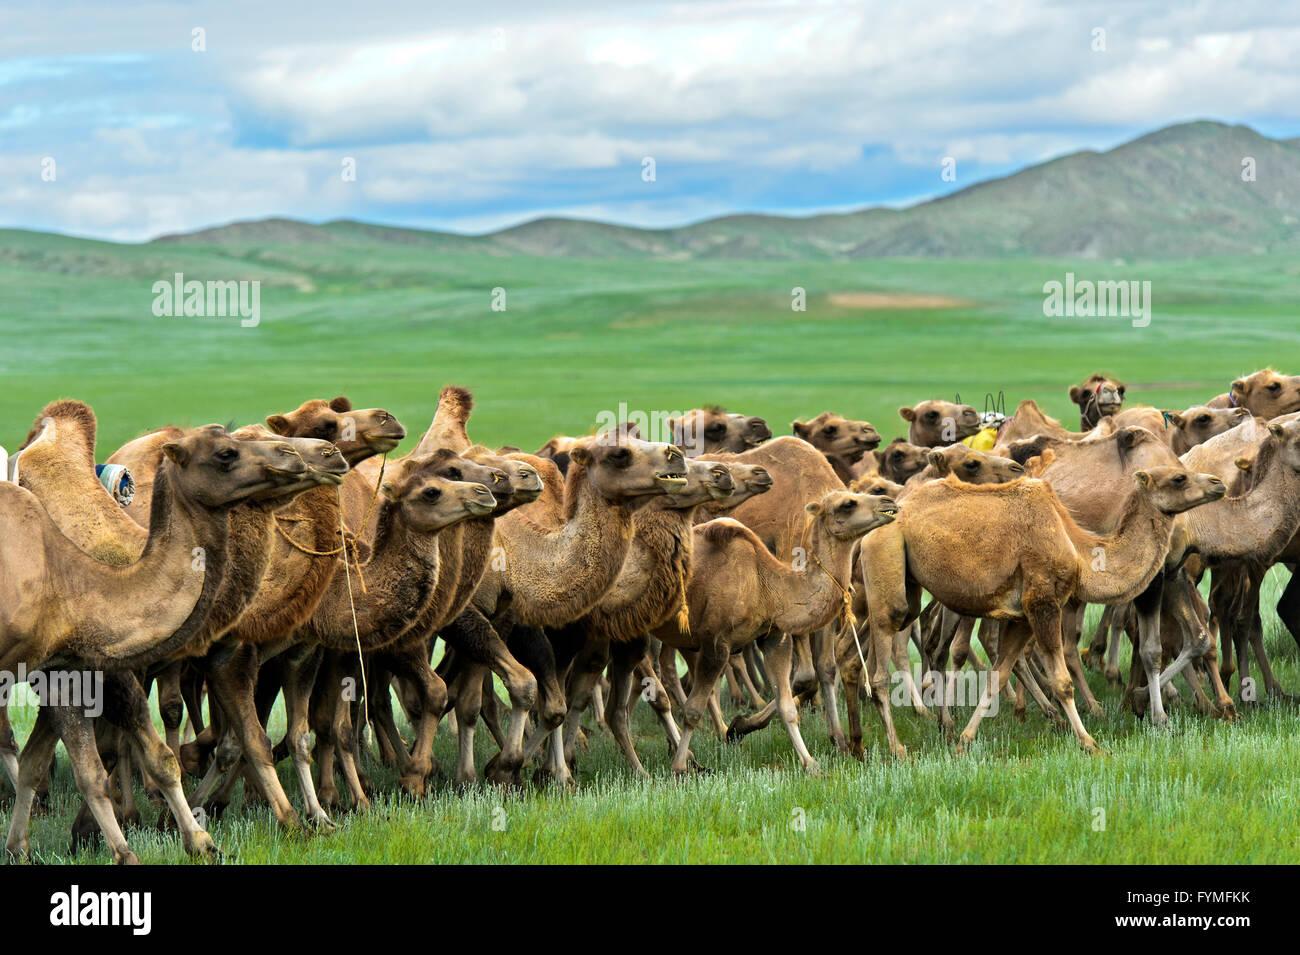 Troupeau de chameaux de Bactriane (Camelus bactrianus) l'itinérance dans la steppe mongole, Mongolie Banque D'Images